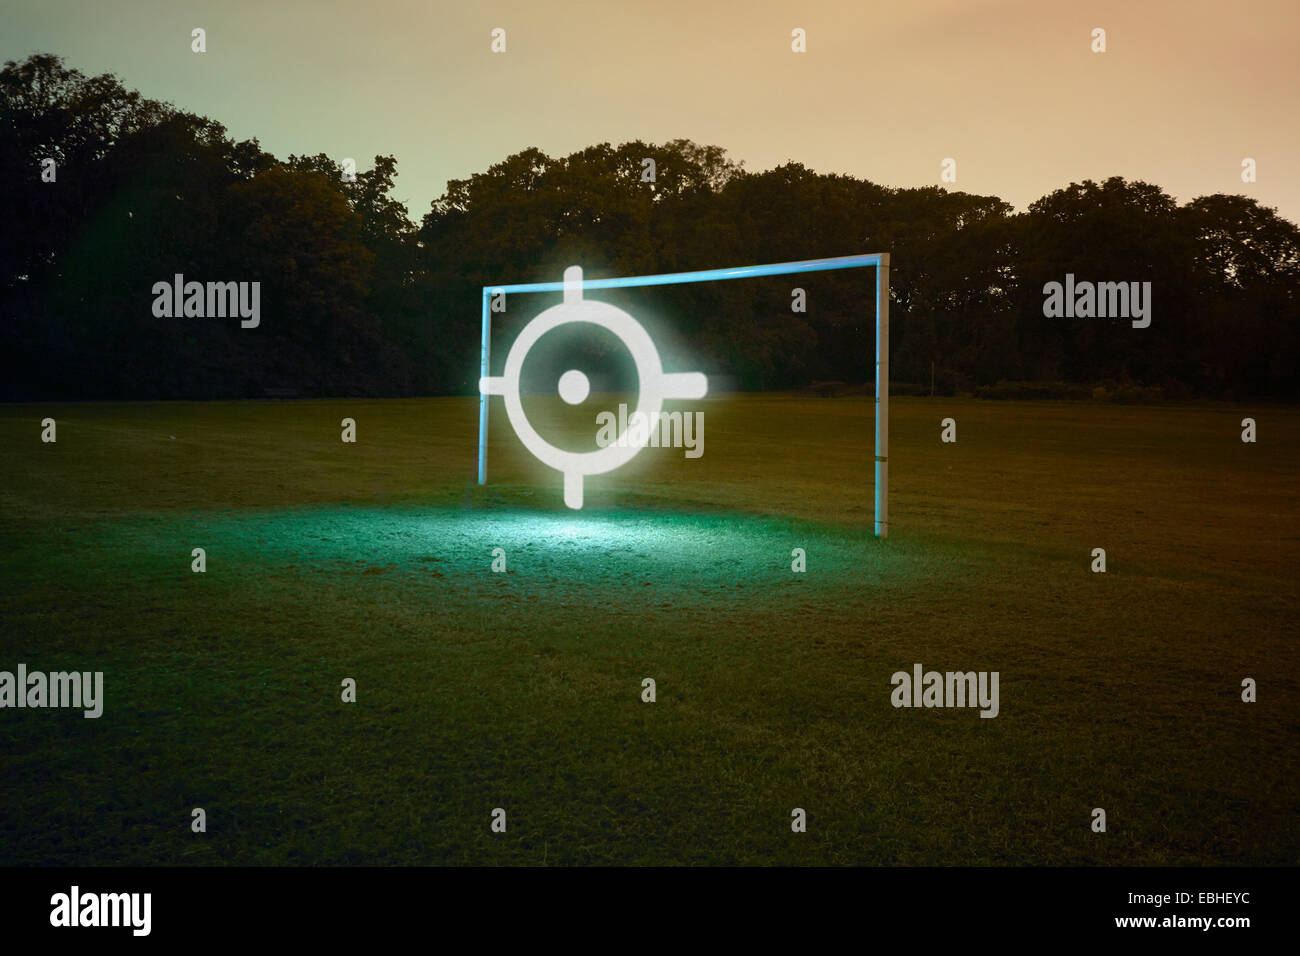 Con el objetivo de fútbol iluminado símbolo de destino Imagen De Stock